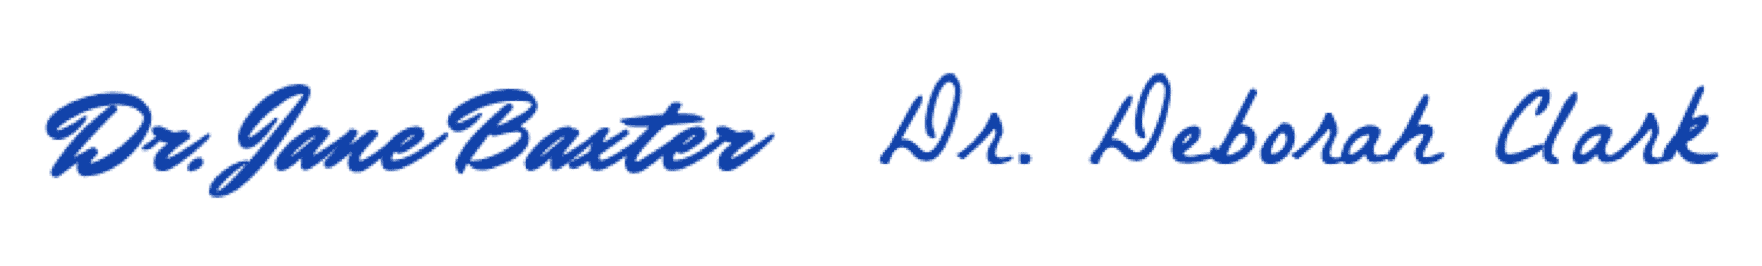 Dr. Jane & Deborah signatures